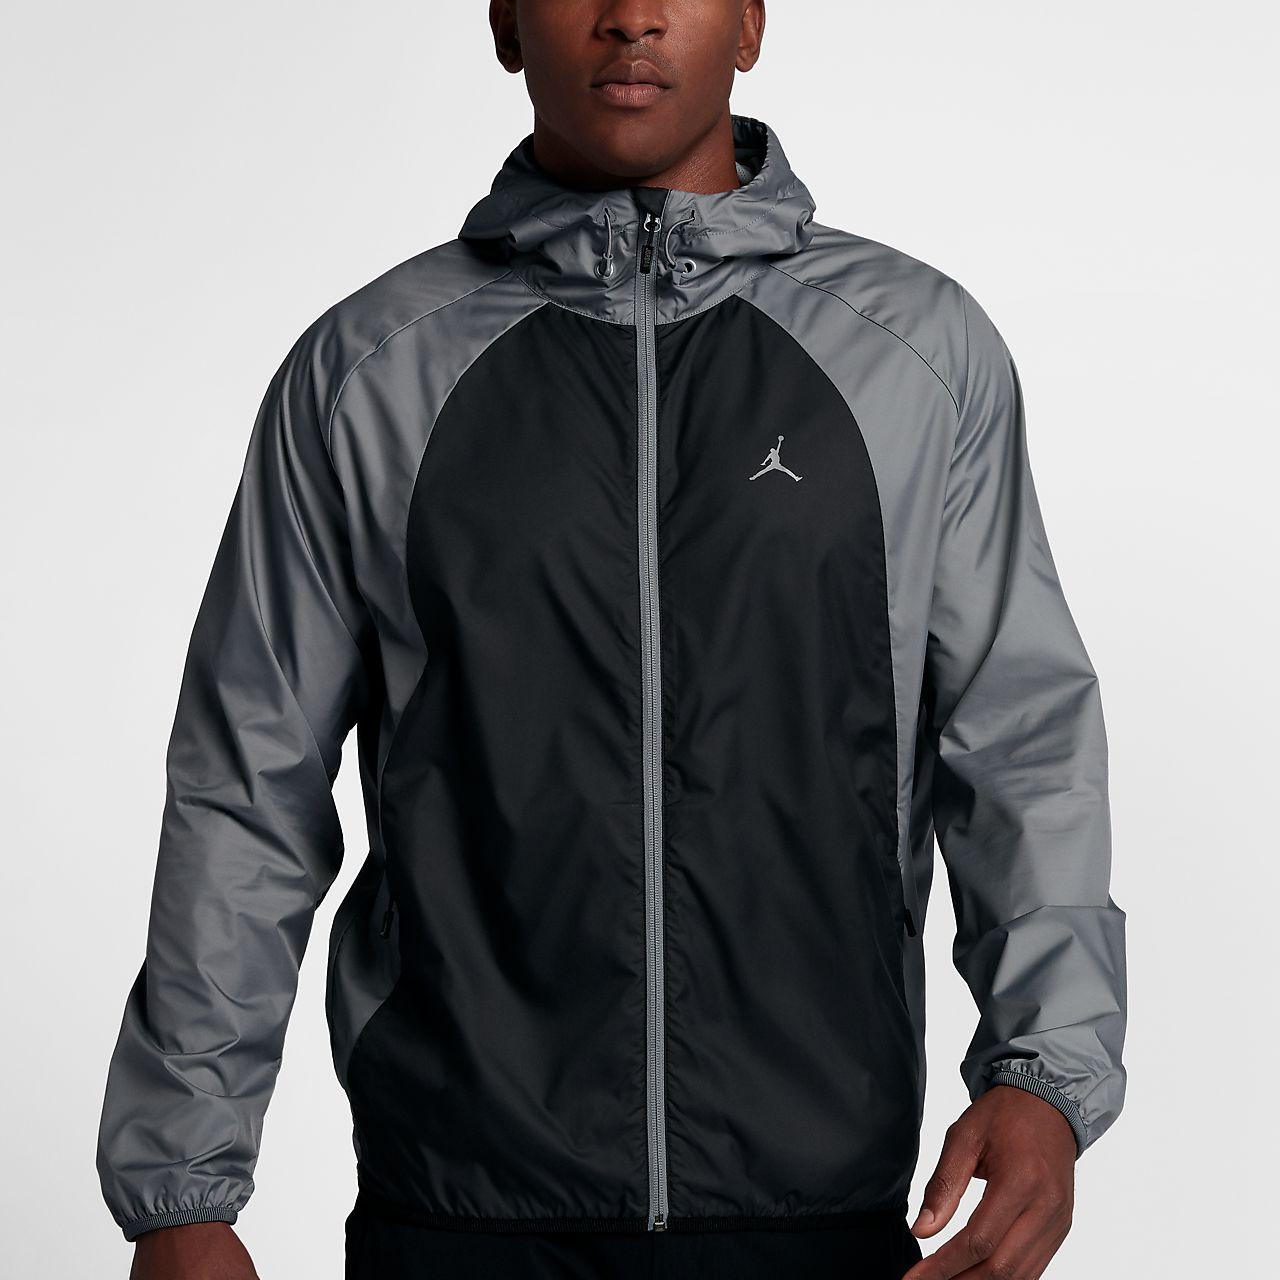 ... Jordan Sportswear Wings Windbreaker Men's Jacket